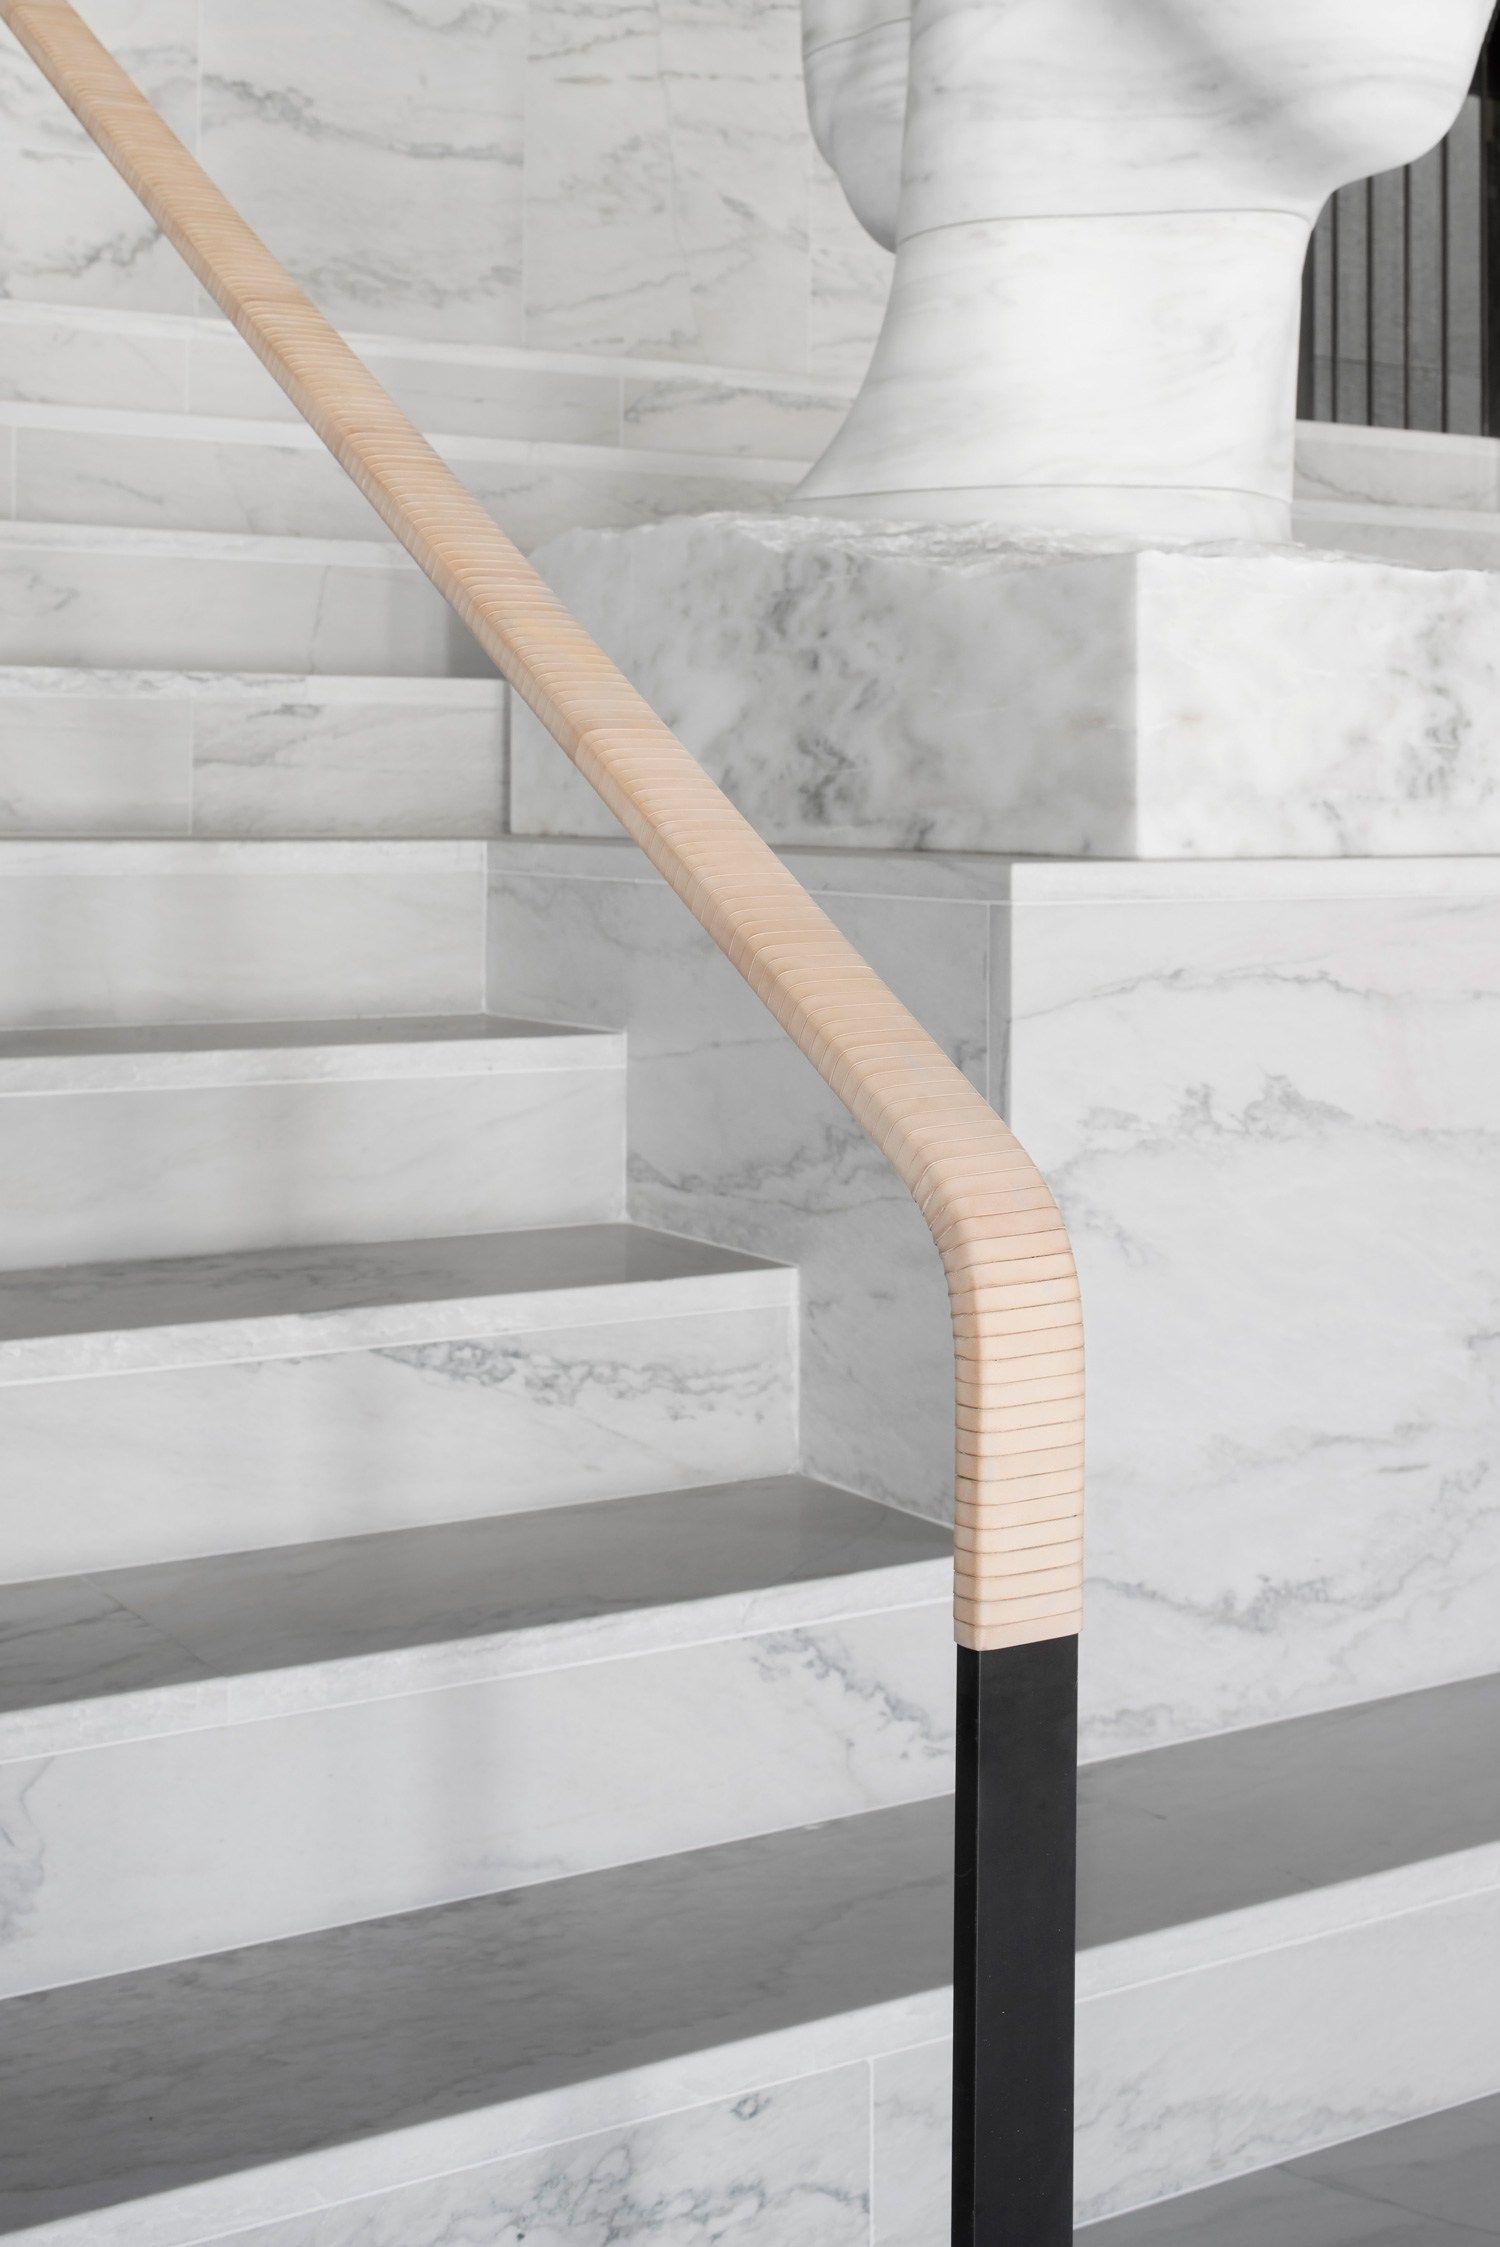 Home geländer design einfach at six hotel stockholm by universal design studio  architecture